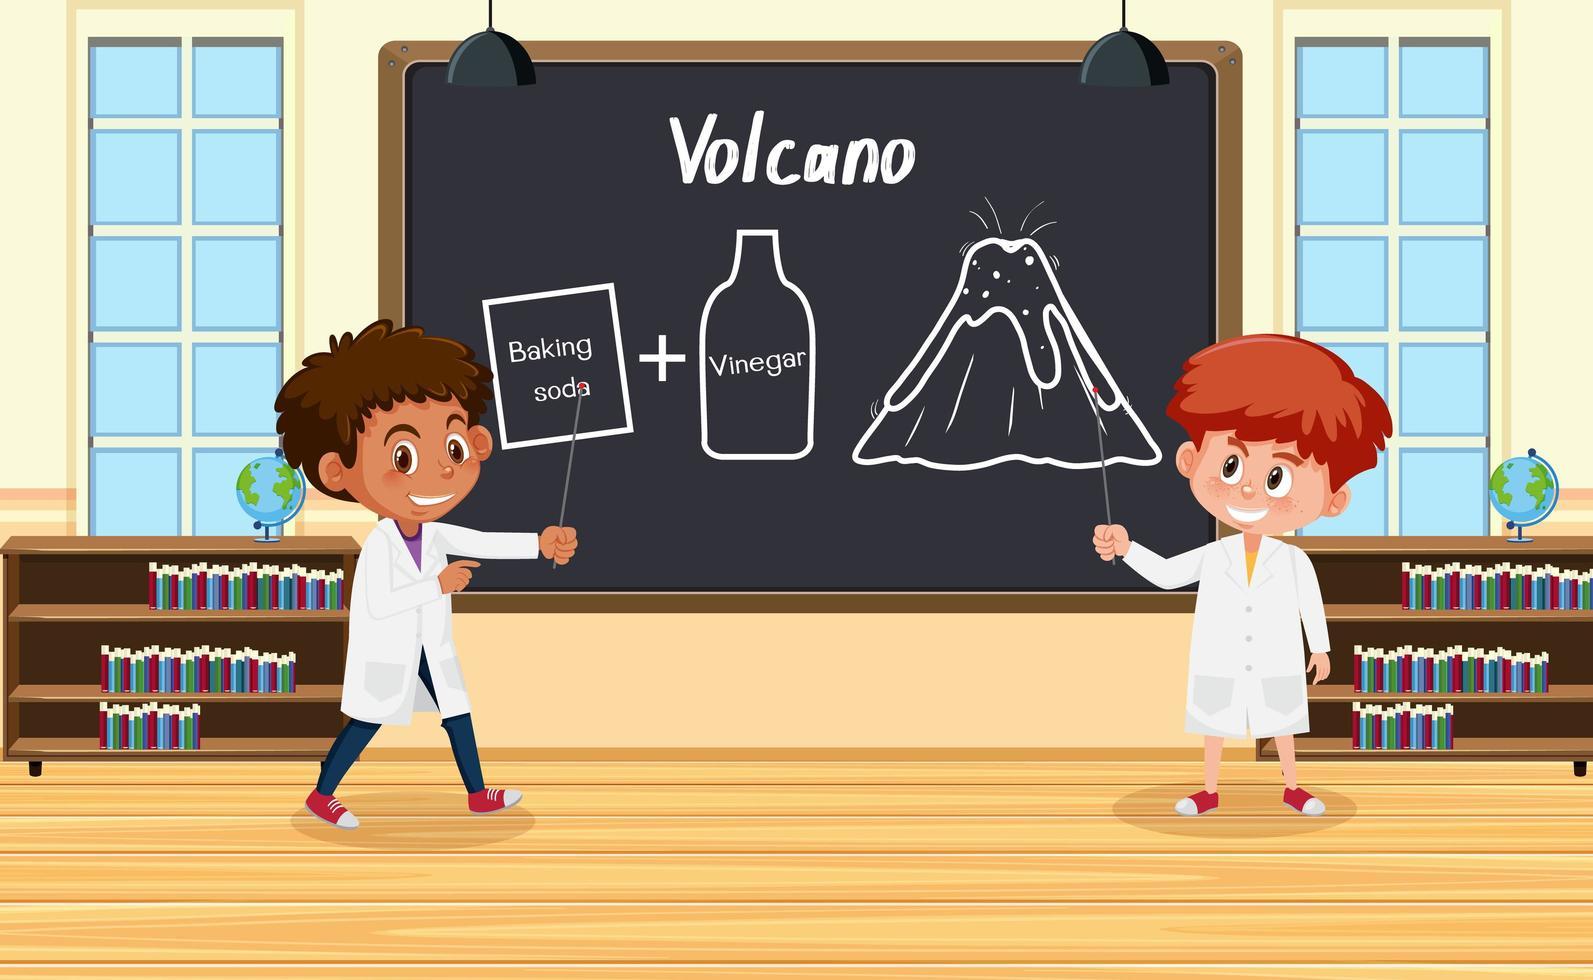 junger Wissenschaftler erklärt Vulkanexperiment vor einer Tafel im Labor vektor